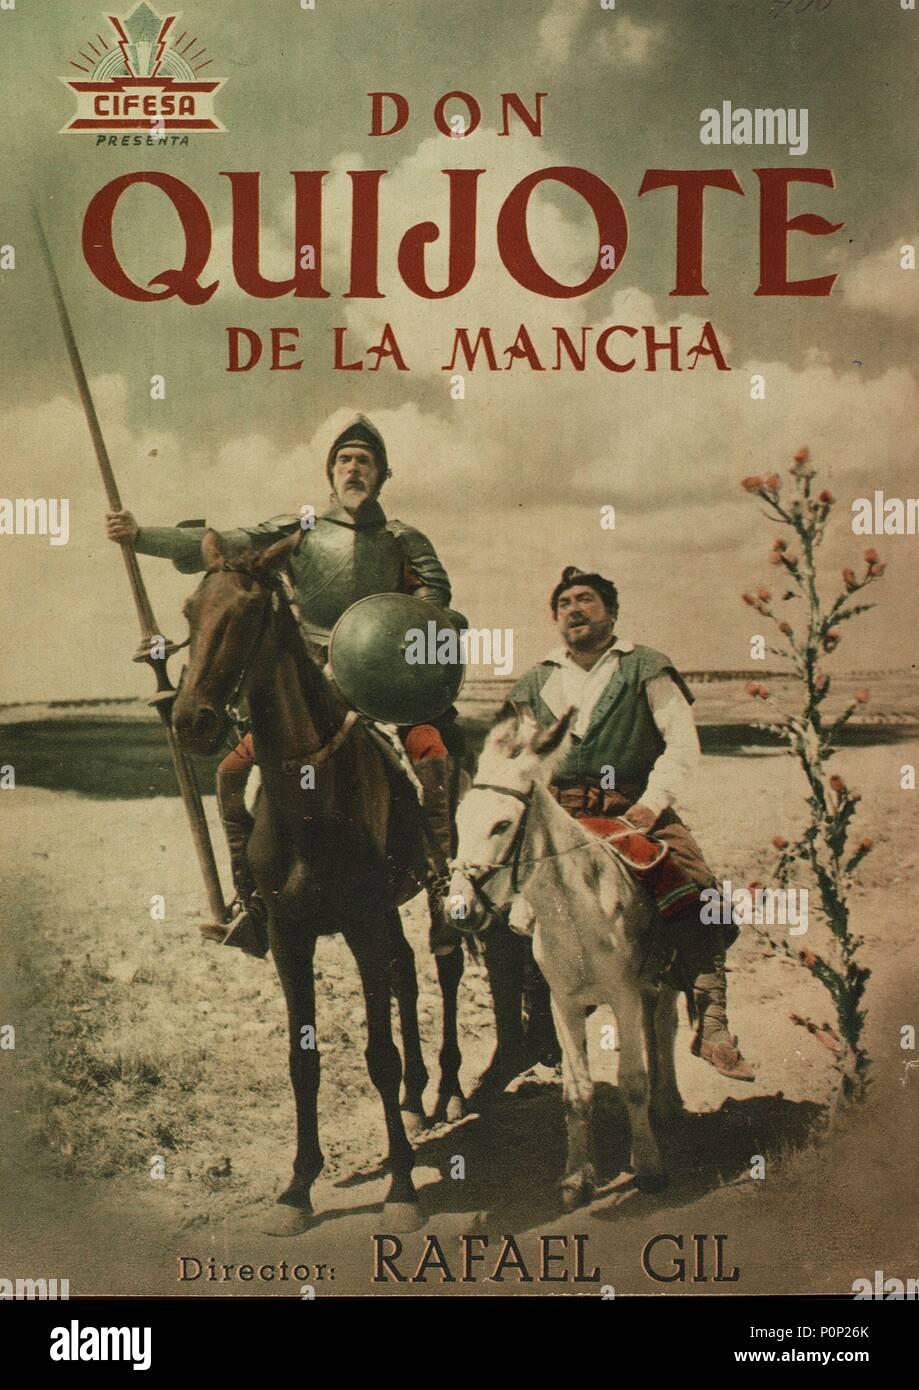 El Título Original De La Película Don Quijote De La Mancha Título En Inglés Don Quijote